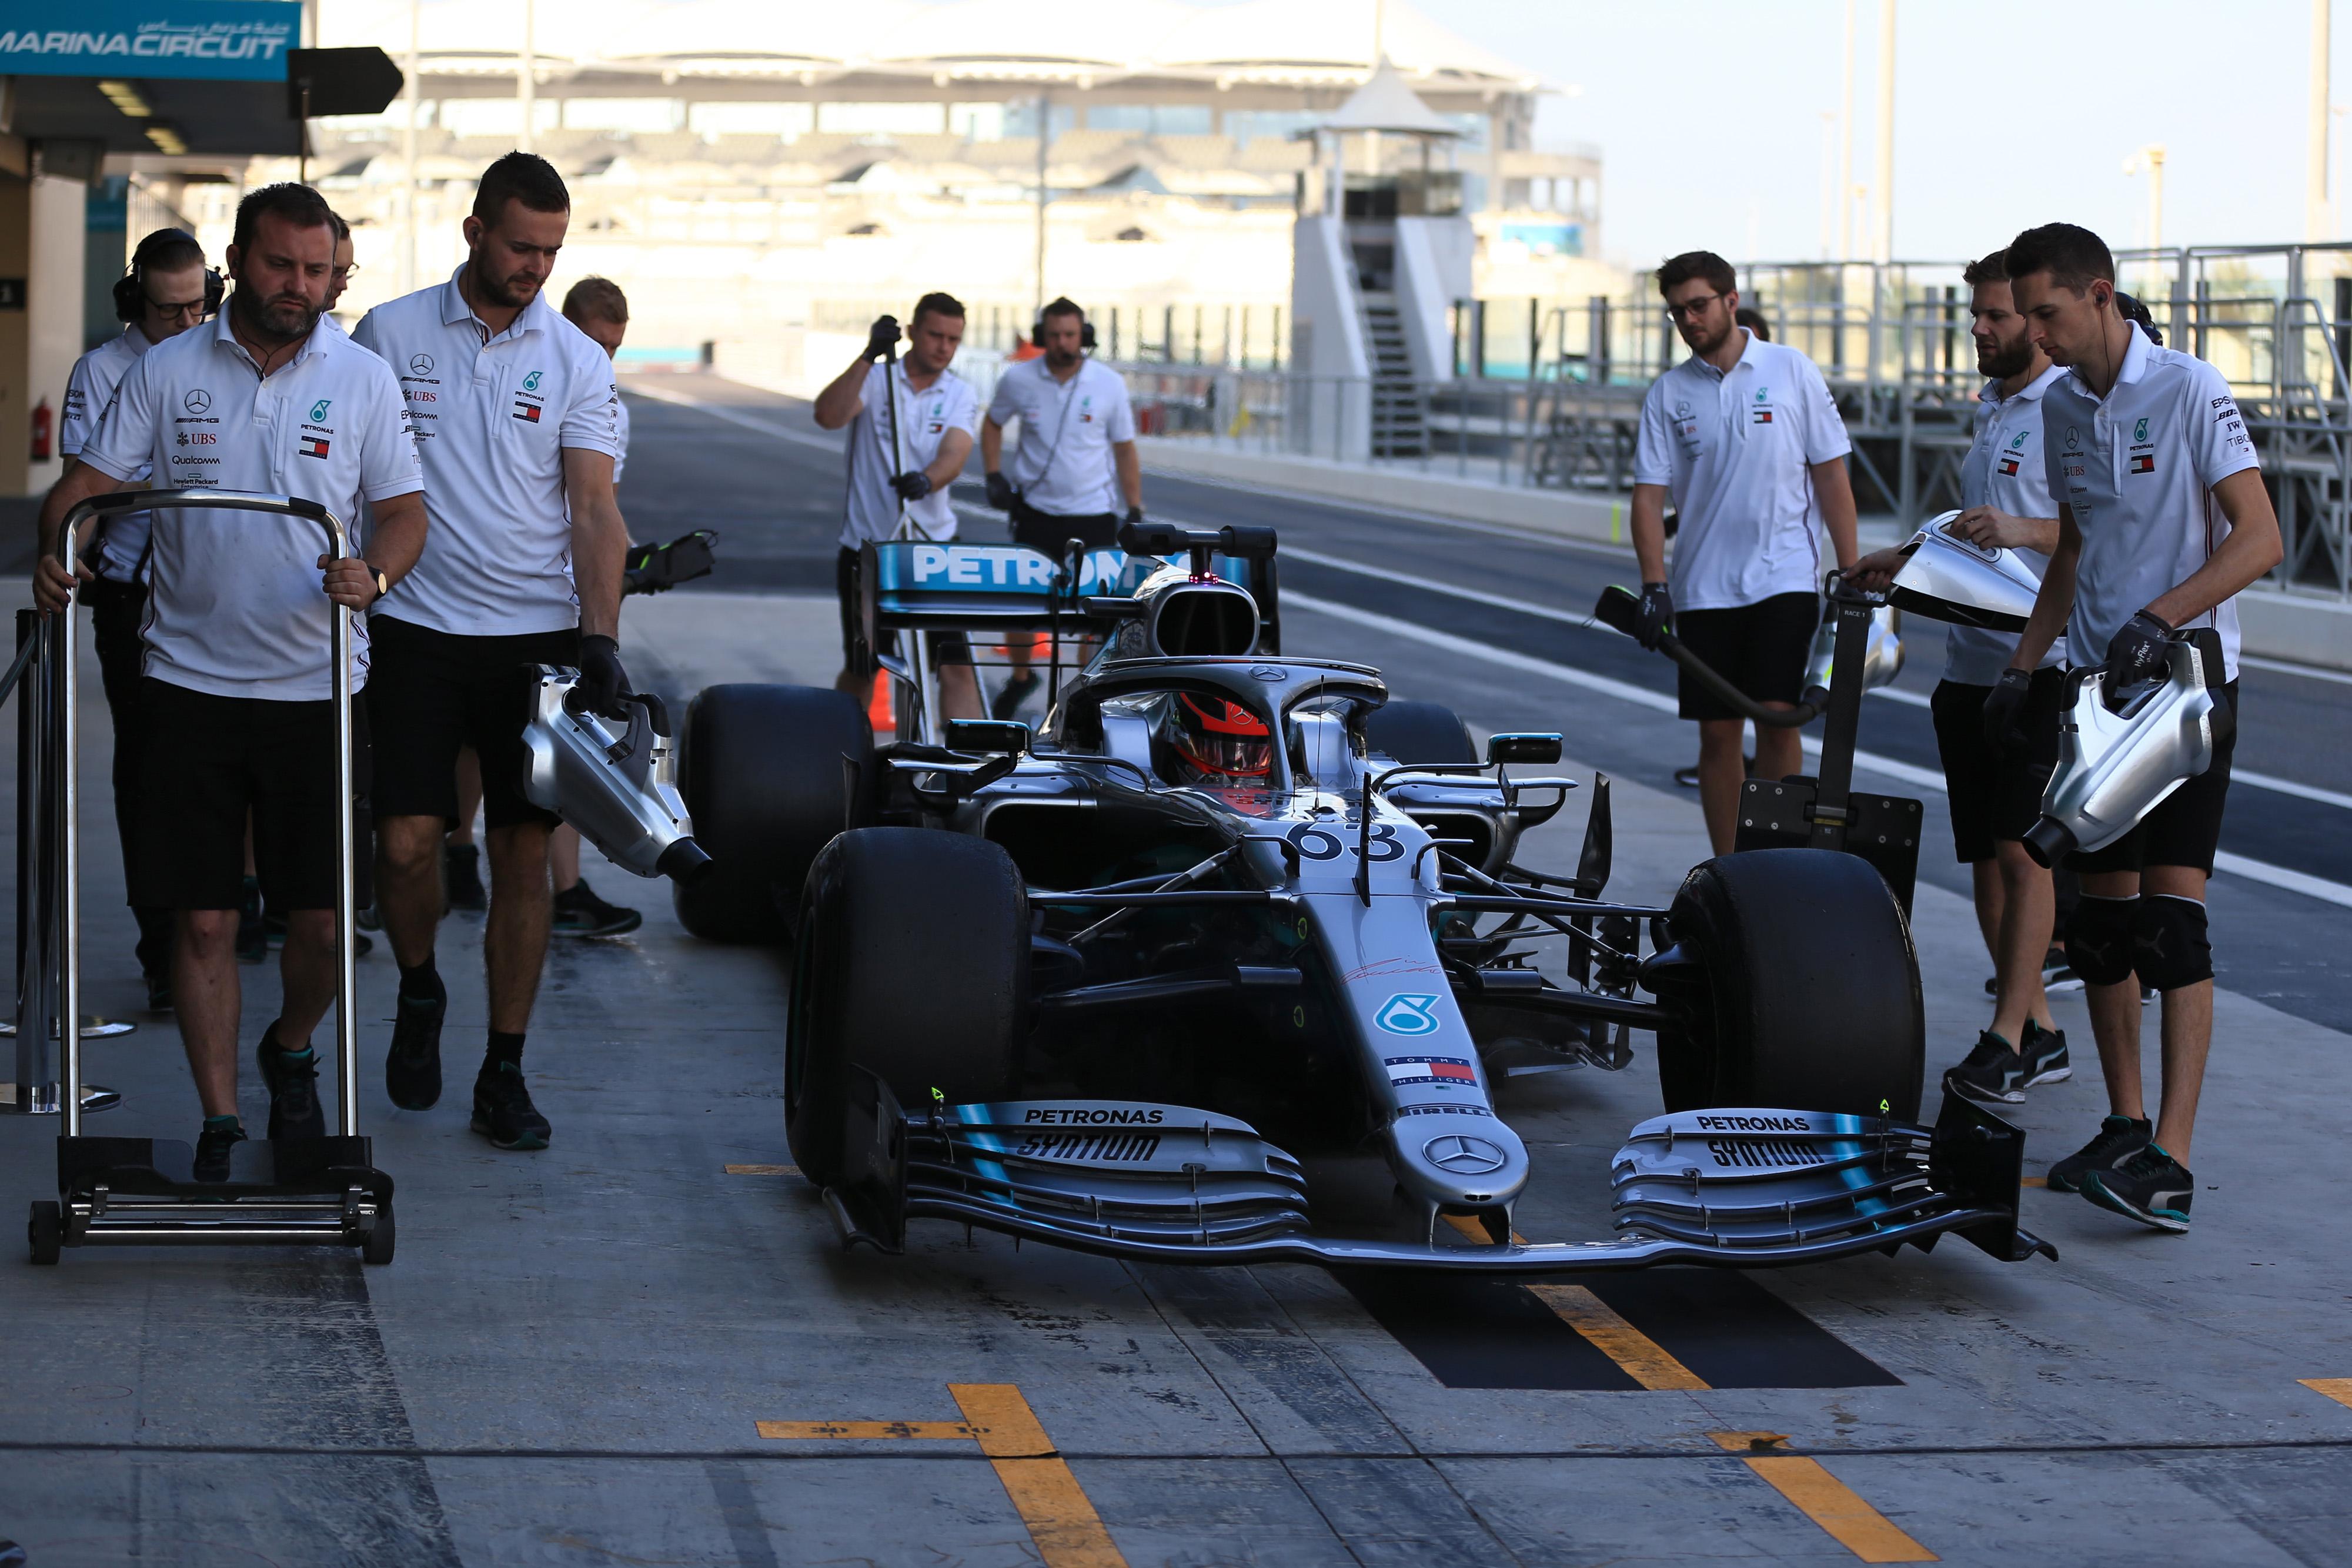 F1 Formula 1 Formula One George Russell Mercedes Pirelli 18 inch tyre test Mercedes Pirelli